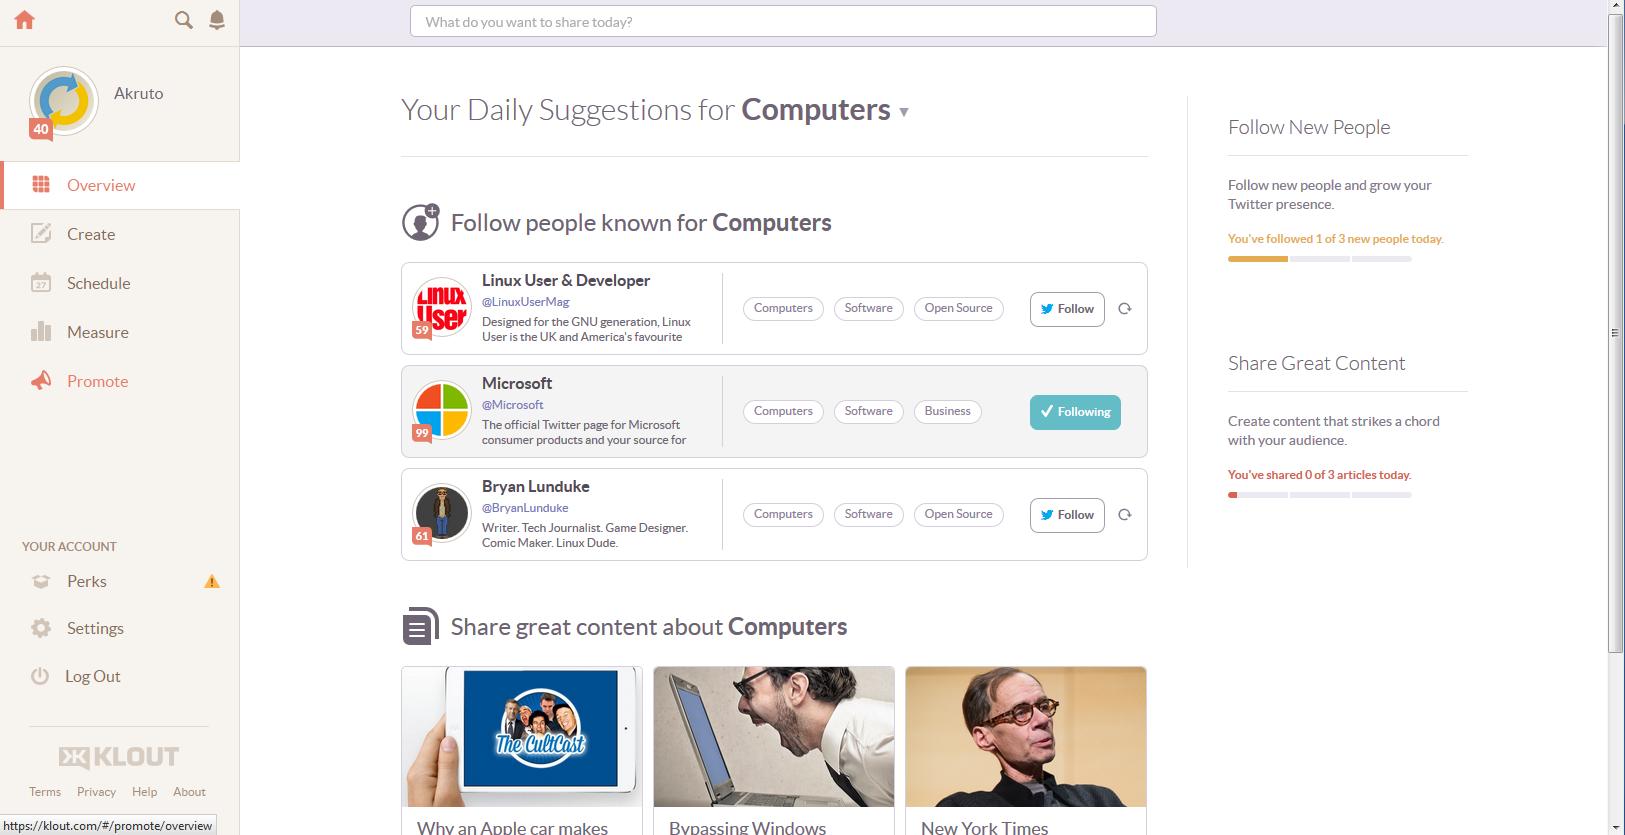 klout screenshot influencer